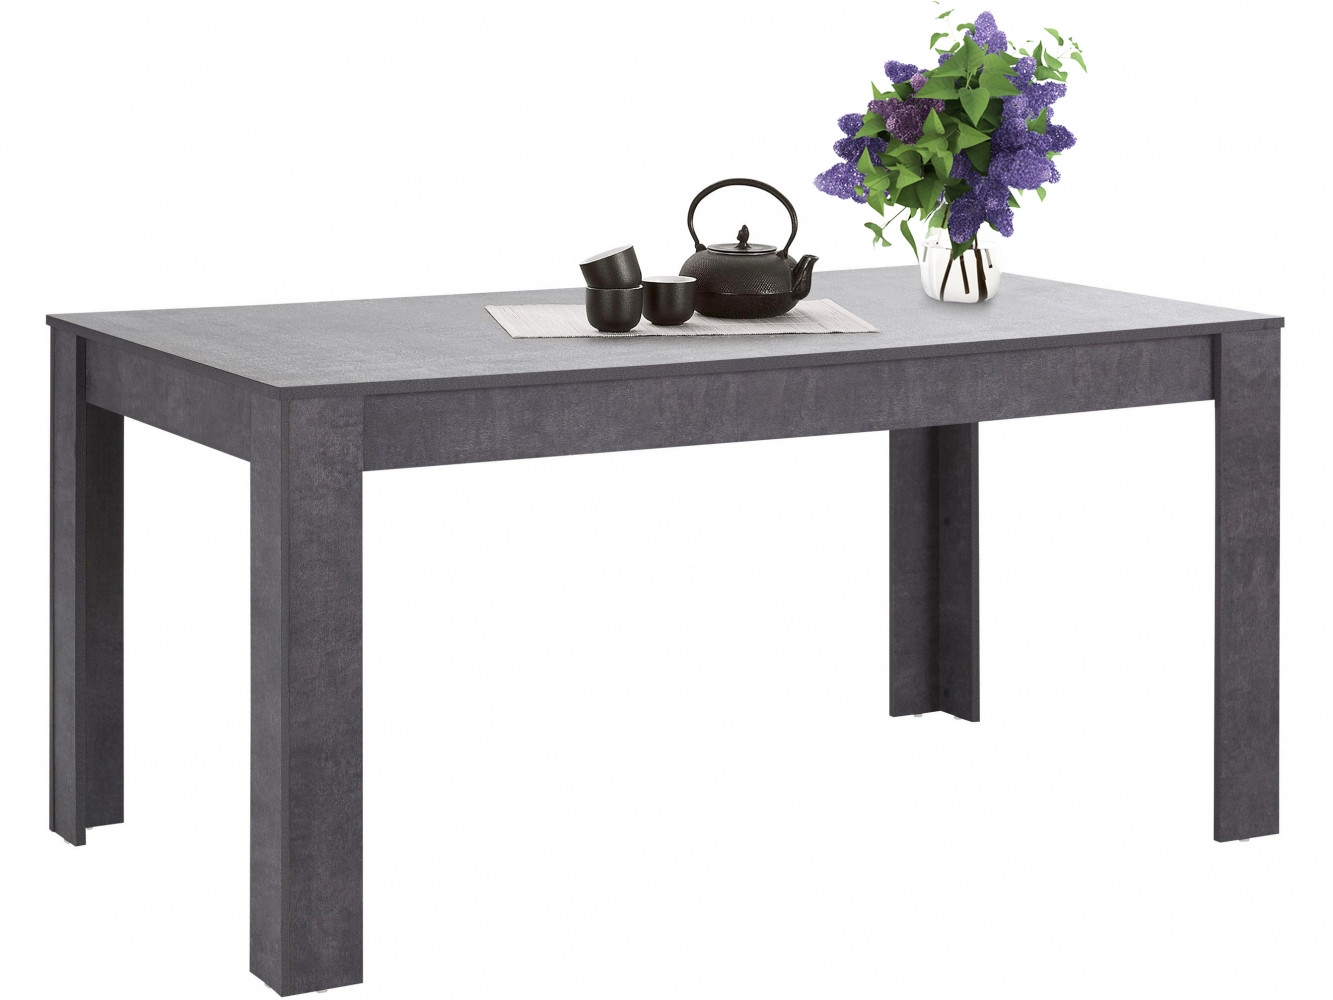 Jídelní stůl Lora I., 160 cm, pohledový beton